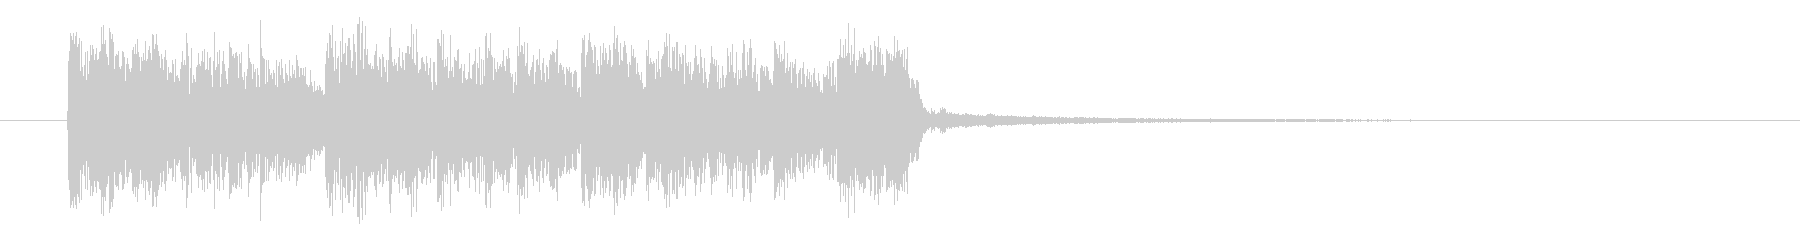 ロックでパンクなエレキジングルサウンドの未再生の波形